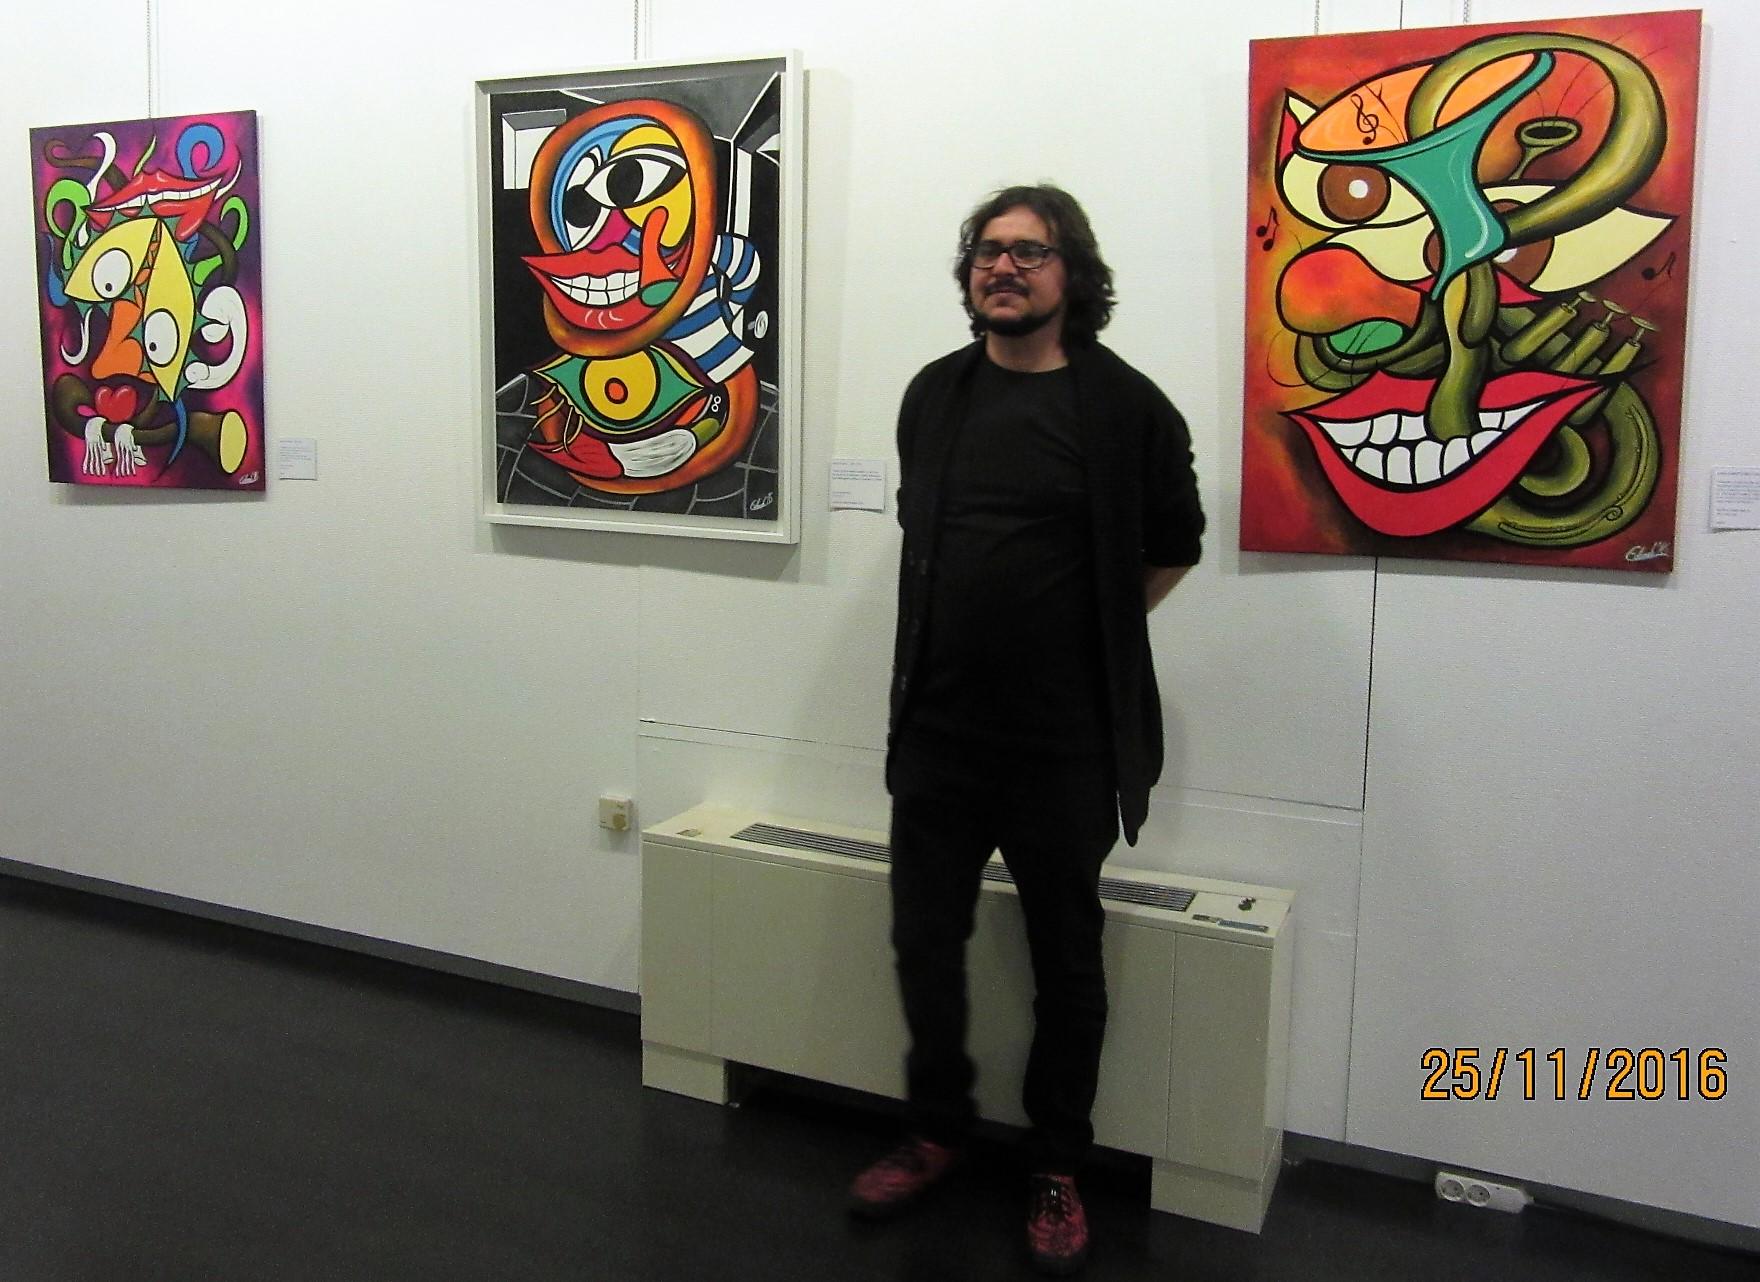 el peor pintor de la historia Edu Locomotoro (Copyright 2016)